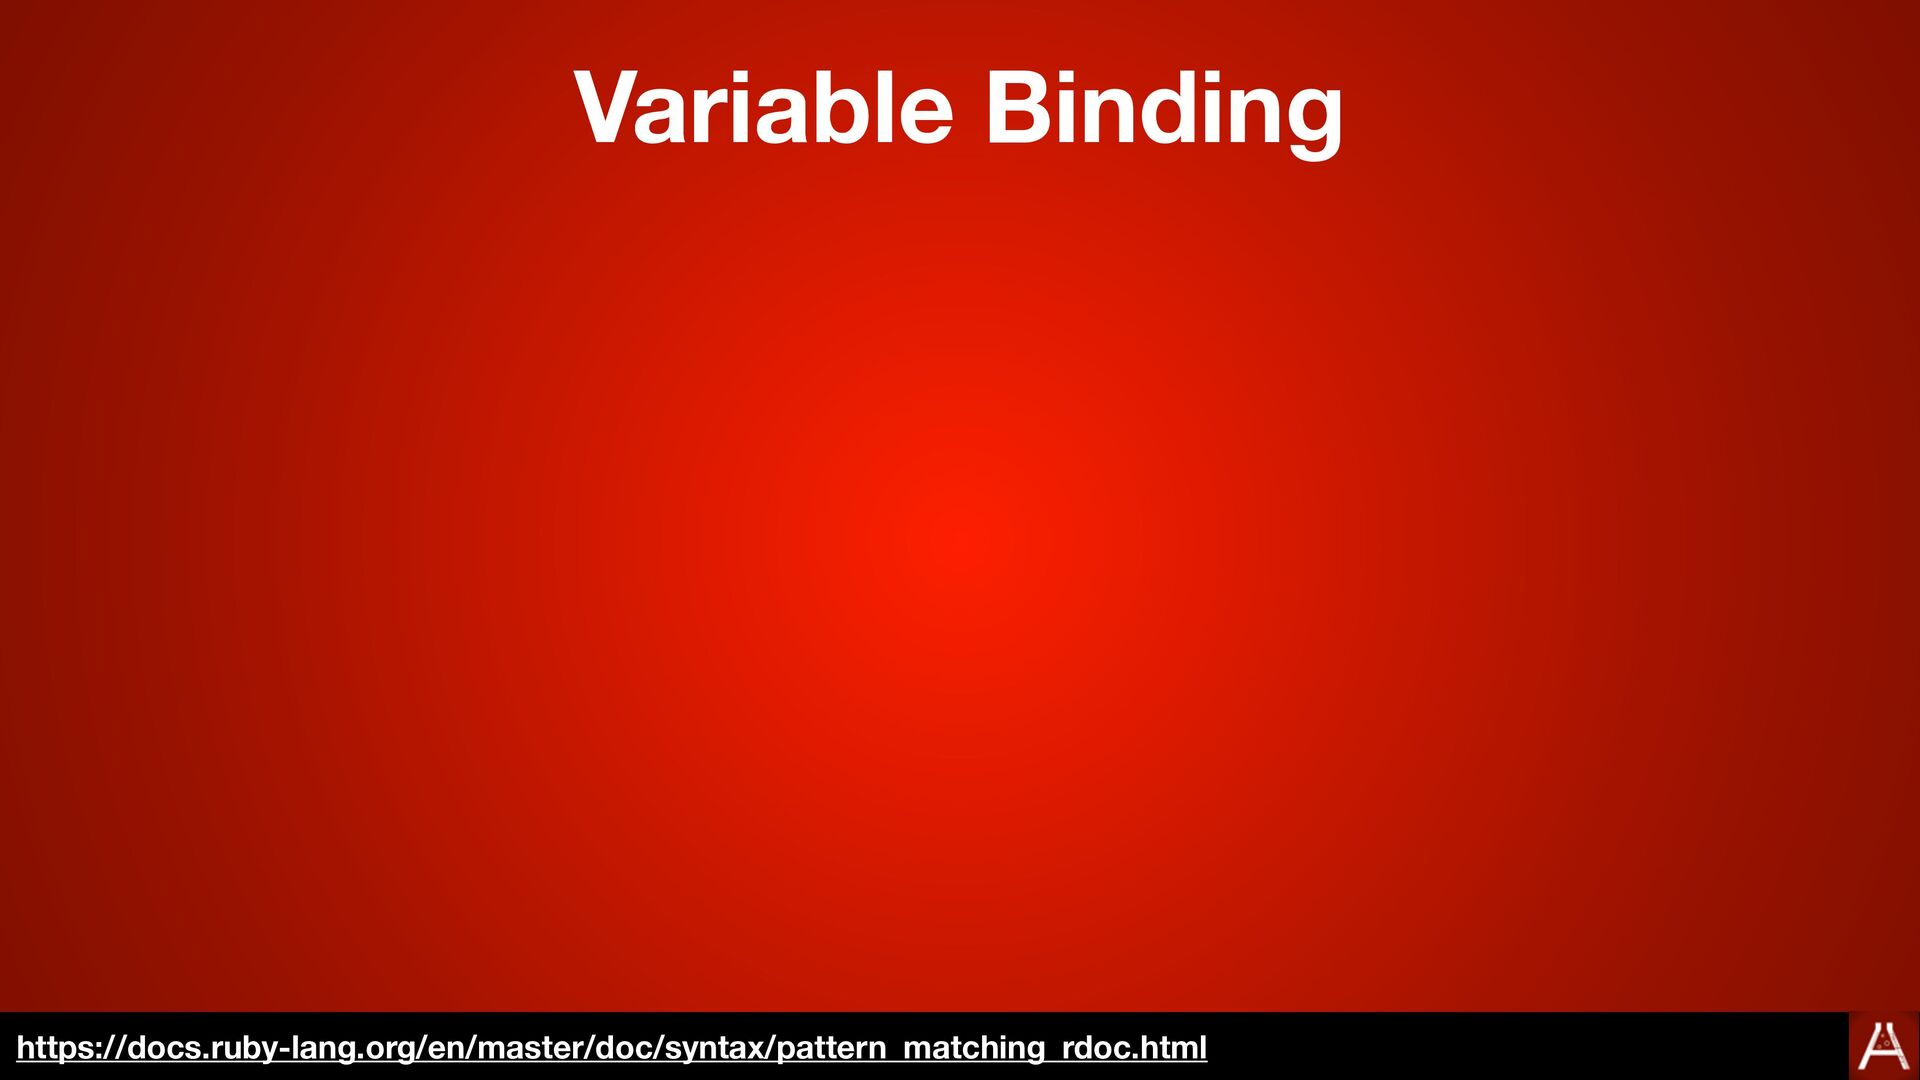 Variable Binding https://docs.ruby-lang.org/en/...